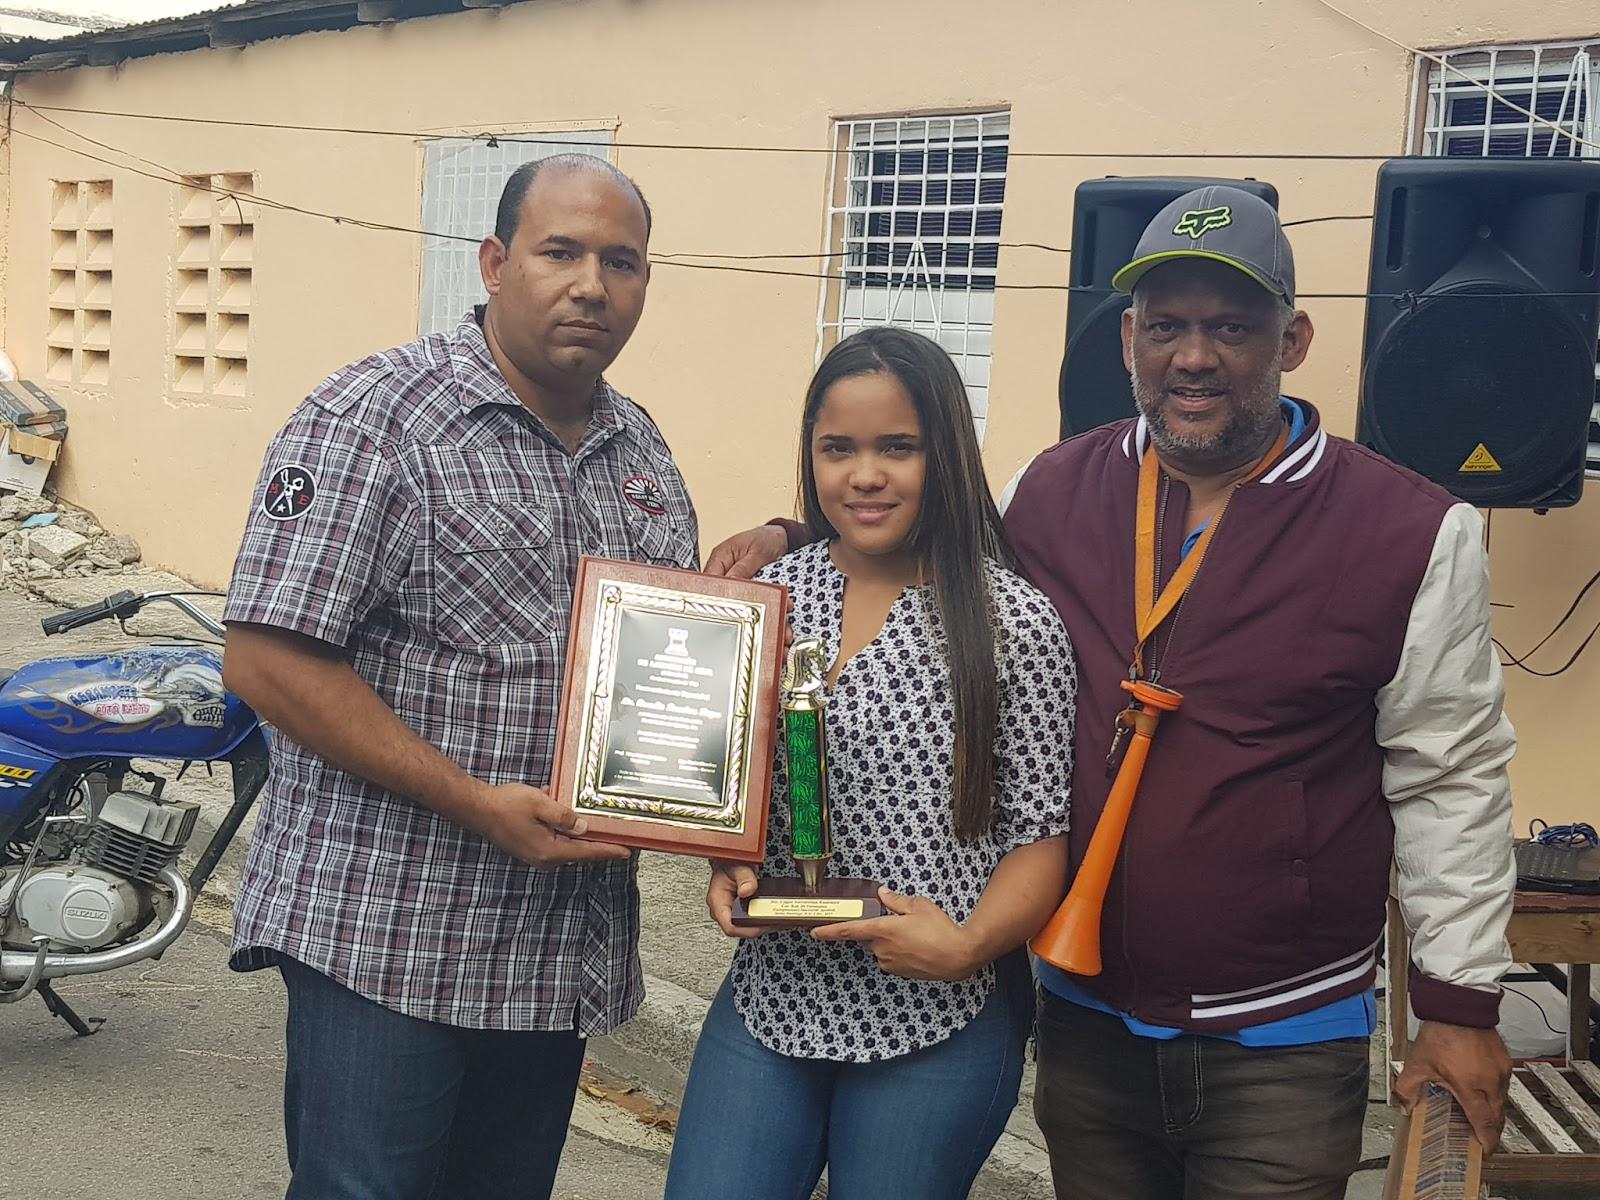 La Asociación de Ajedrez de Azua (ADAJAZ)  reconoce a Braulio Ramírez en campeonato Navideño 2017.